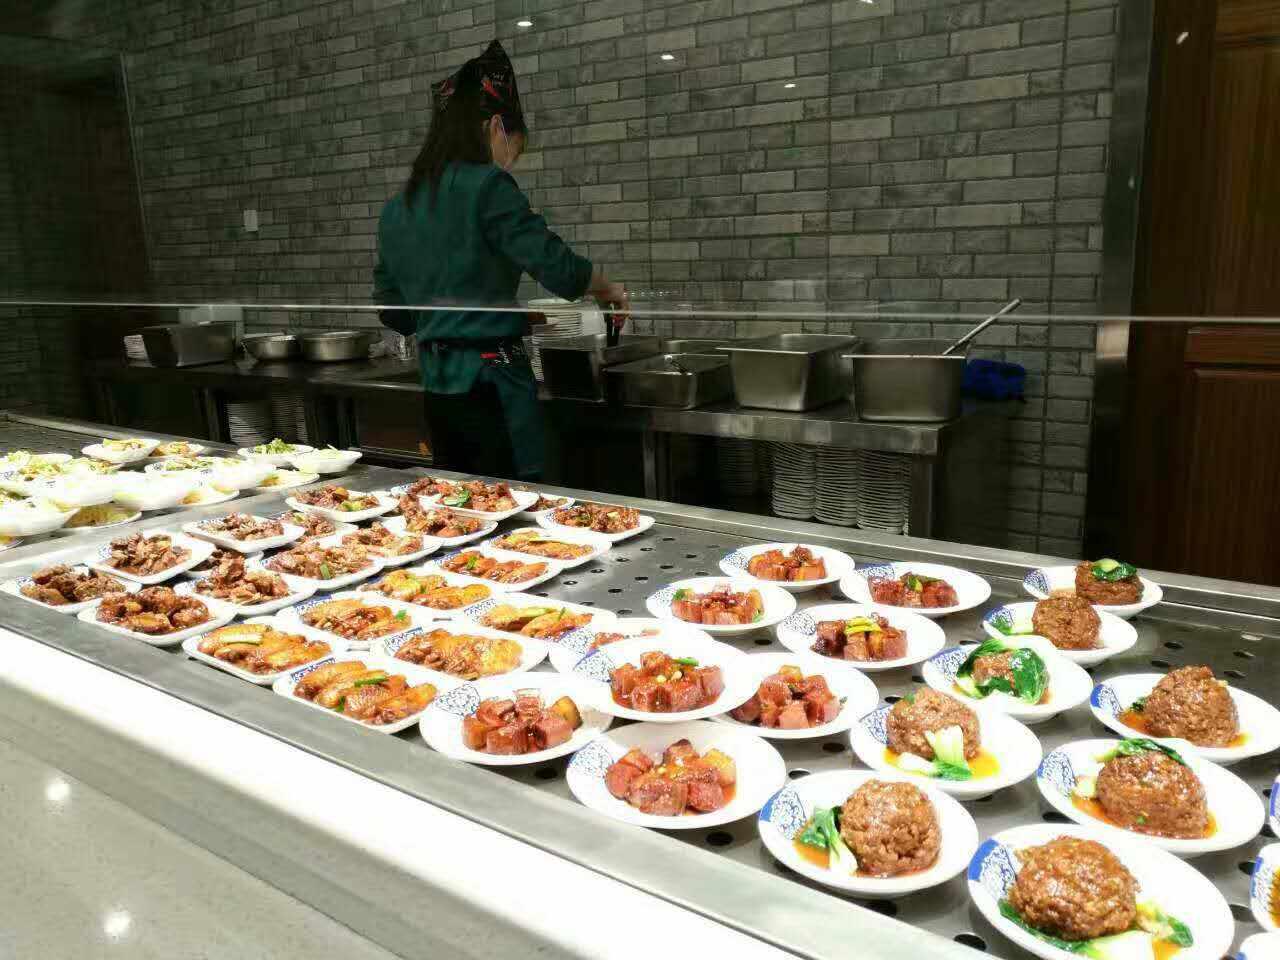 浙江可靠的中式快餐公司 饭堂托管服务图片